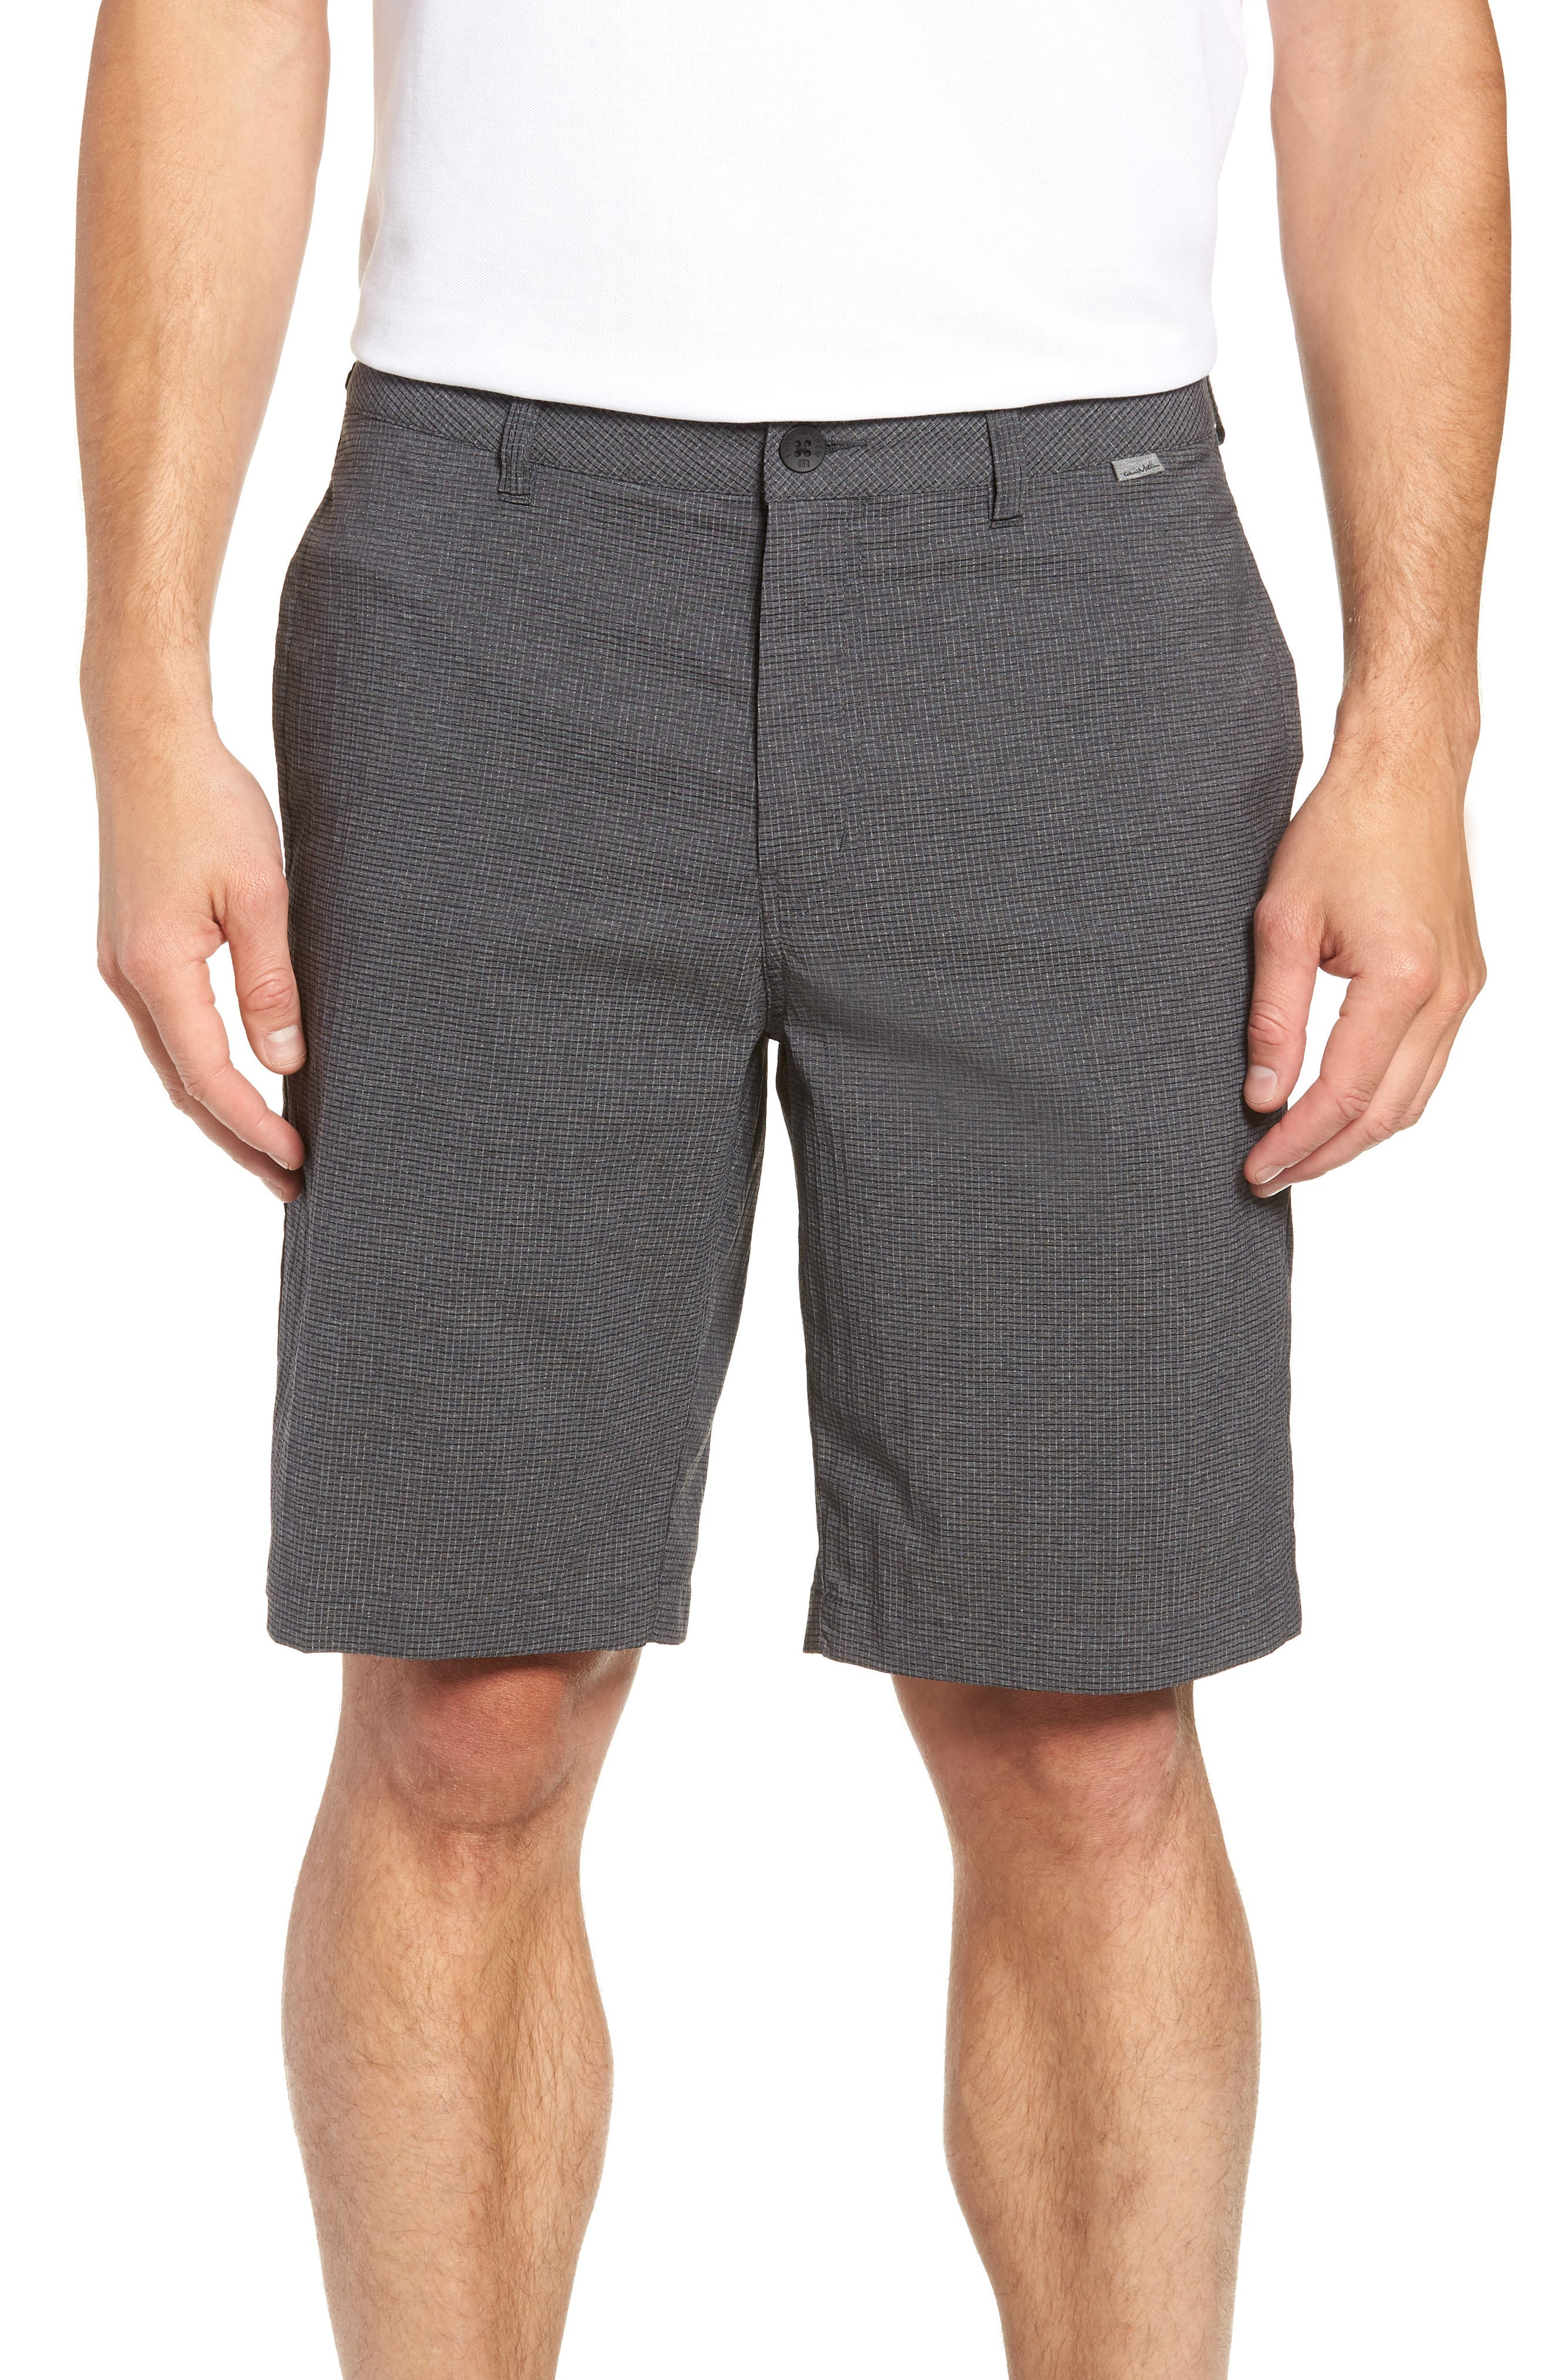 Peel Out Shorts,                             Main thumbnail 1, color,                             GREY PINSTRIPE